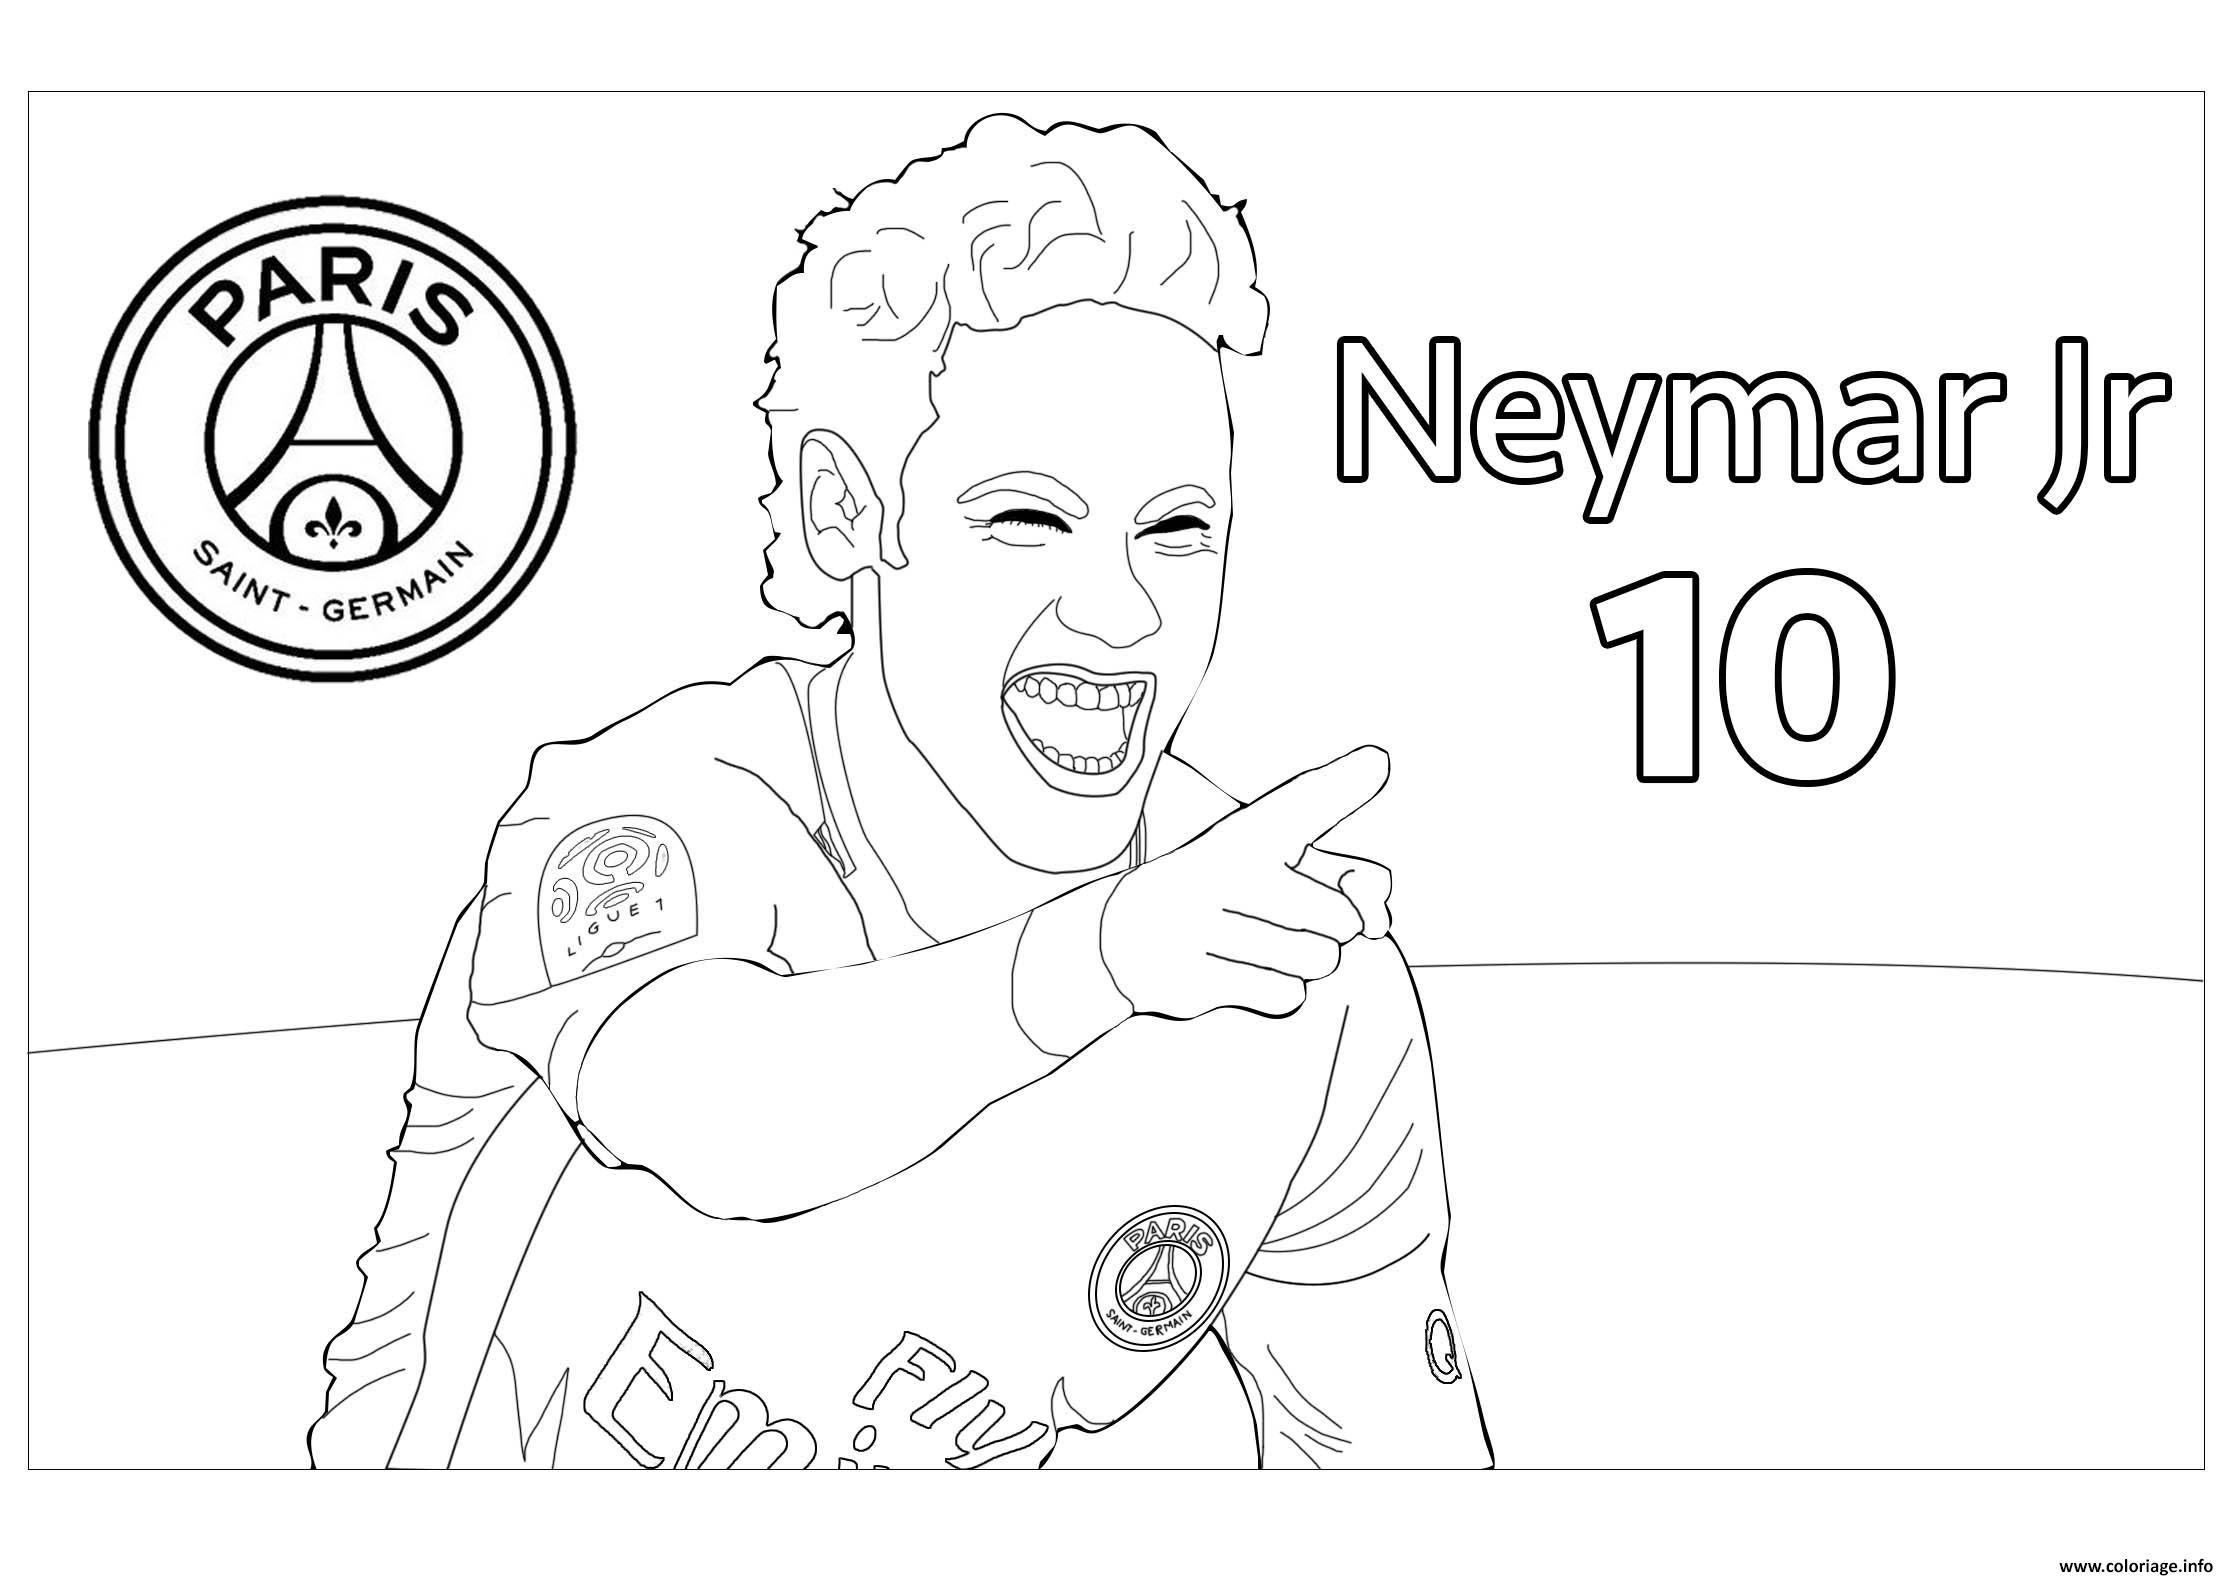 Coloriage Joueur De Foot Neymar Jr Psg Jecoloriecom